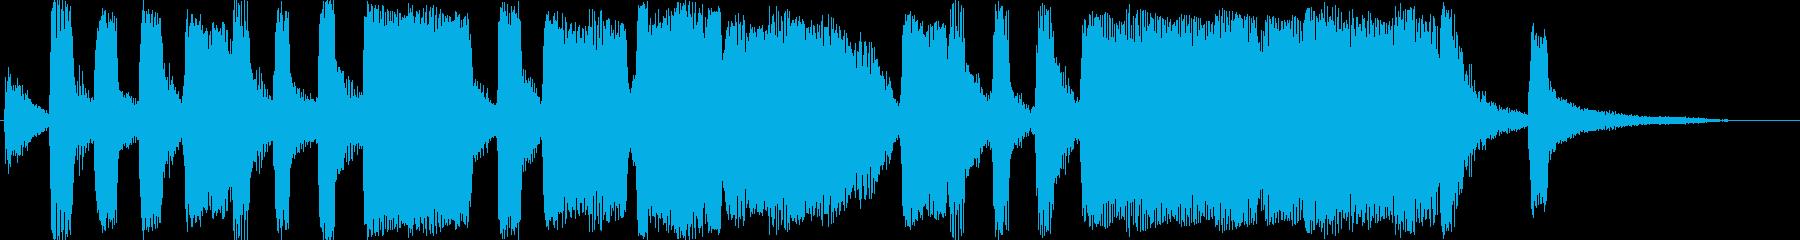 可愛いアイキャッチ風ジングルの再生済みの波形